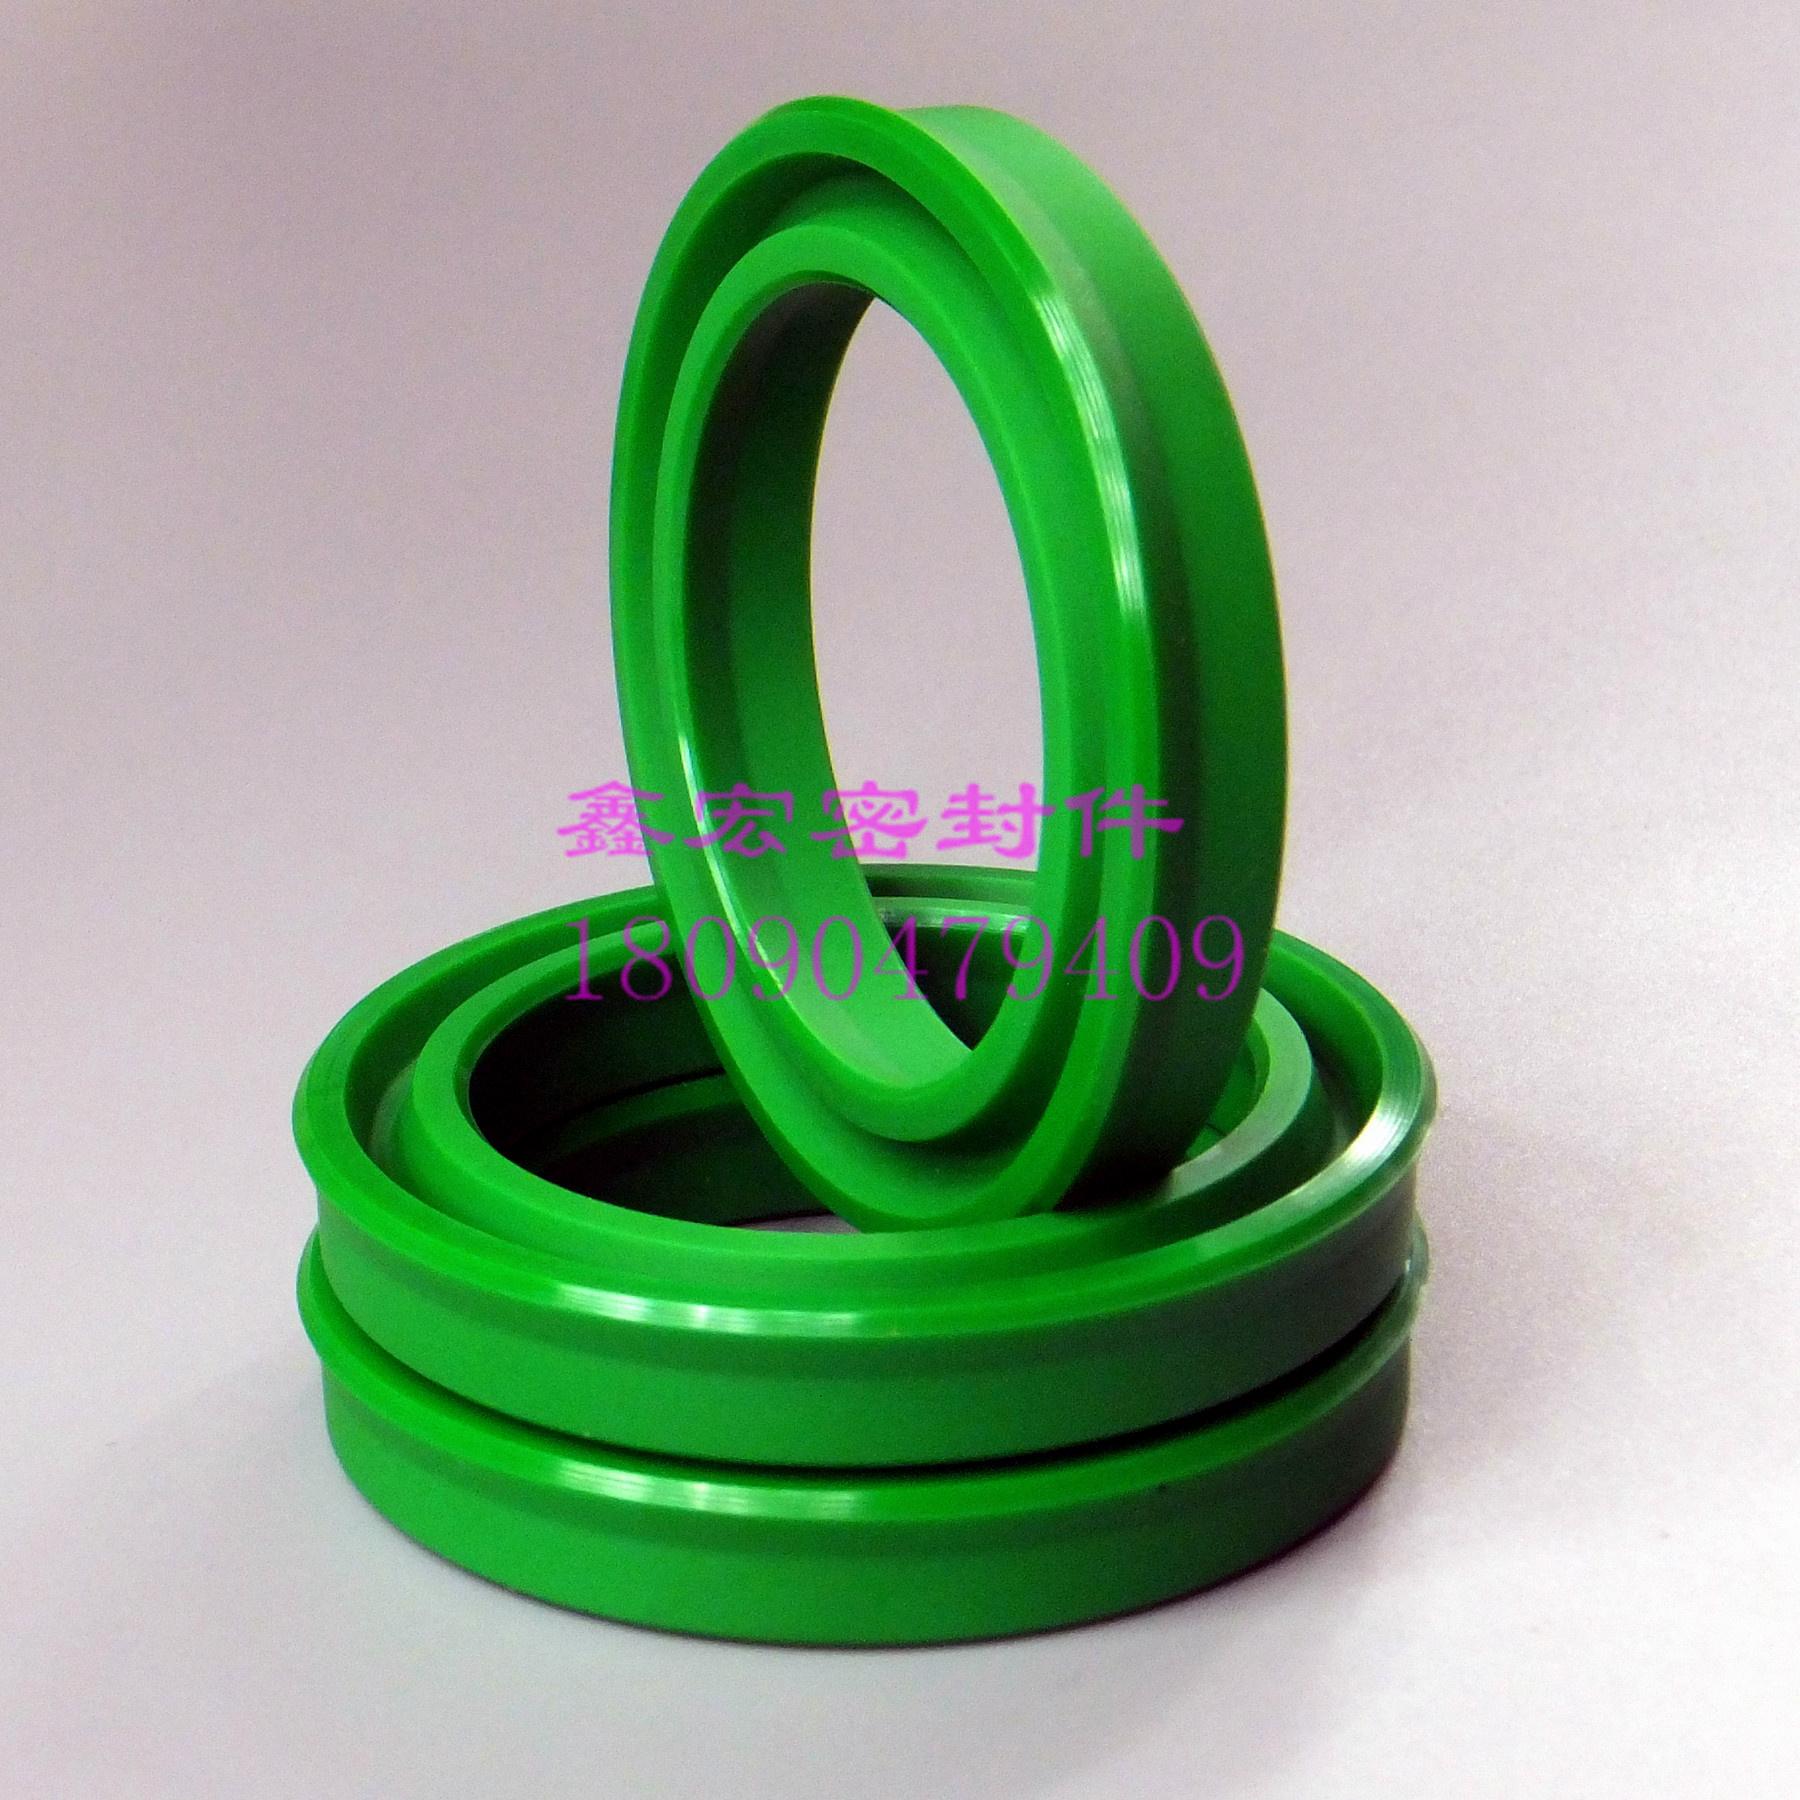 液压油缸油封UN/UNS/U/Y/V型150*170*12/15/16活塞/杆用密封圈/件